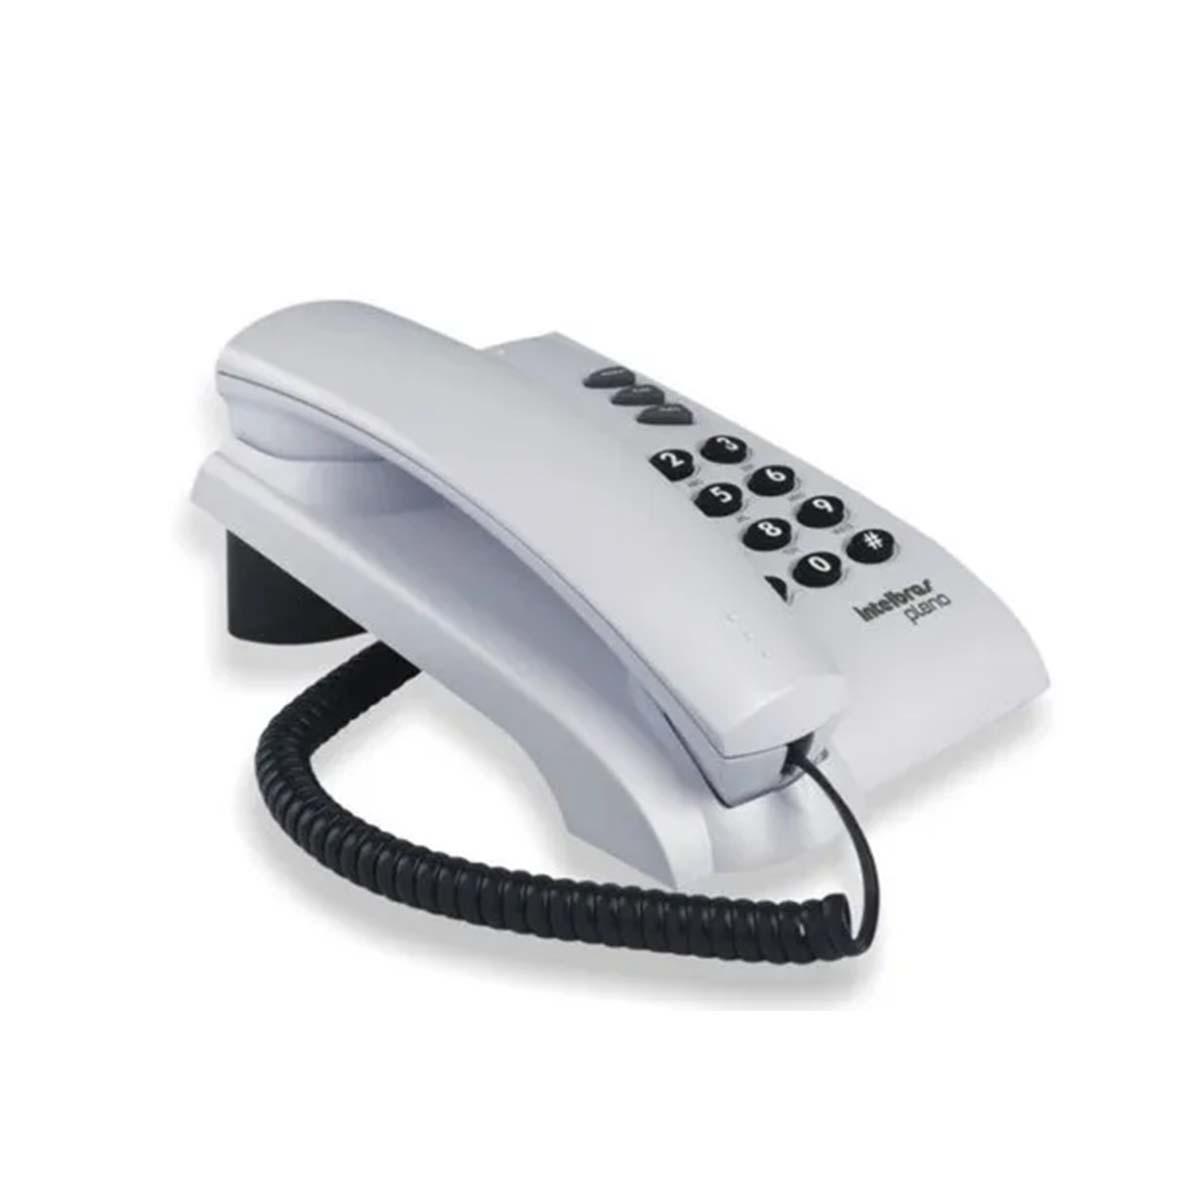 Kit 07 Telefone De Mesa Intelbras Pleno Cz Artico